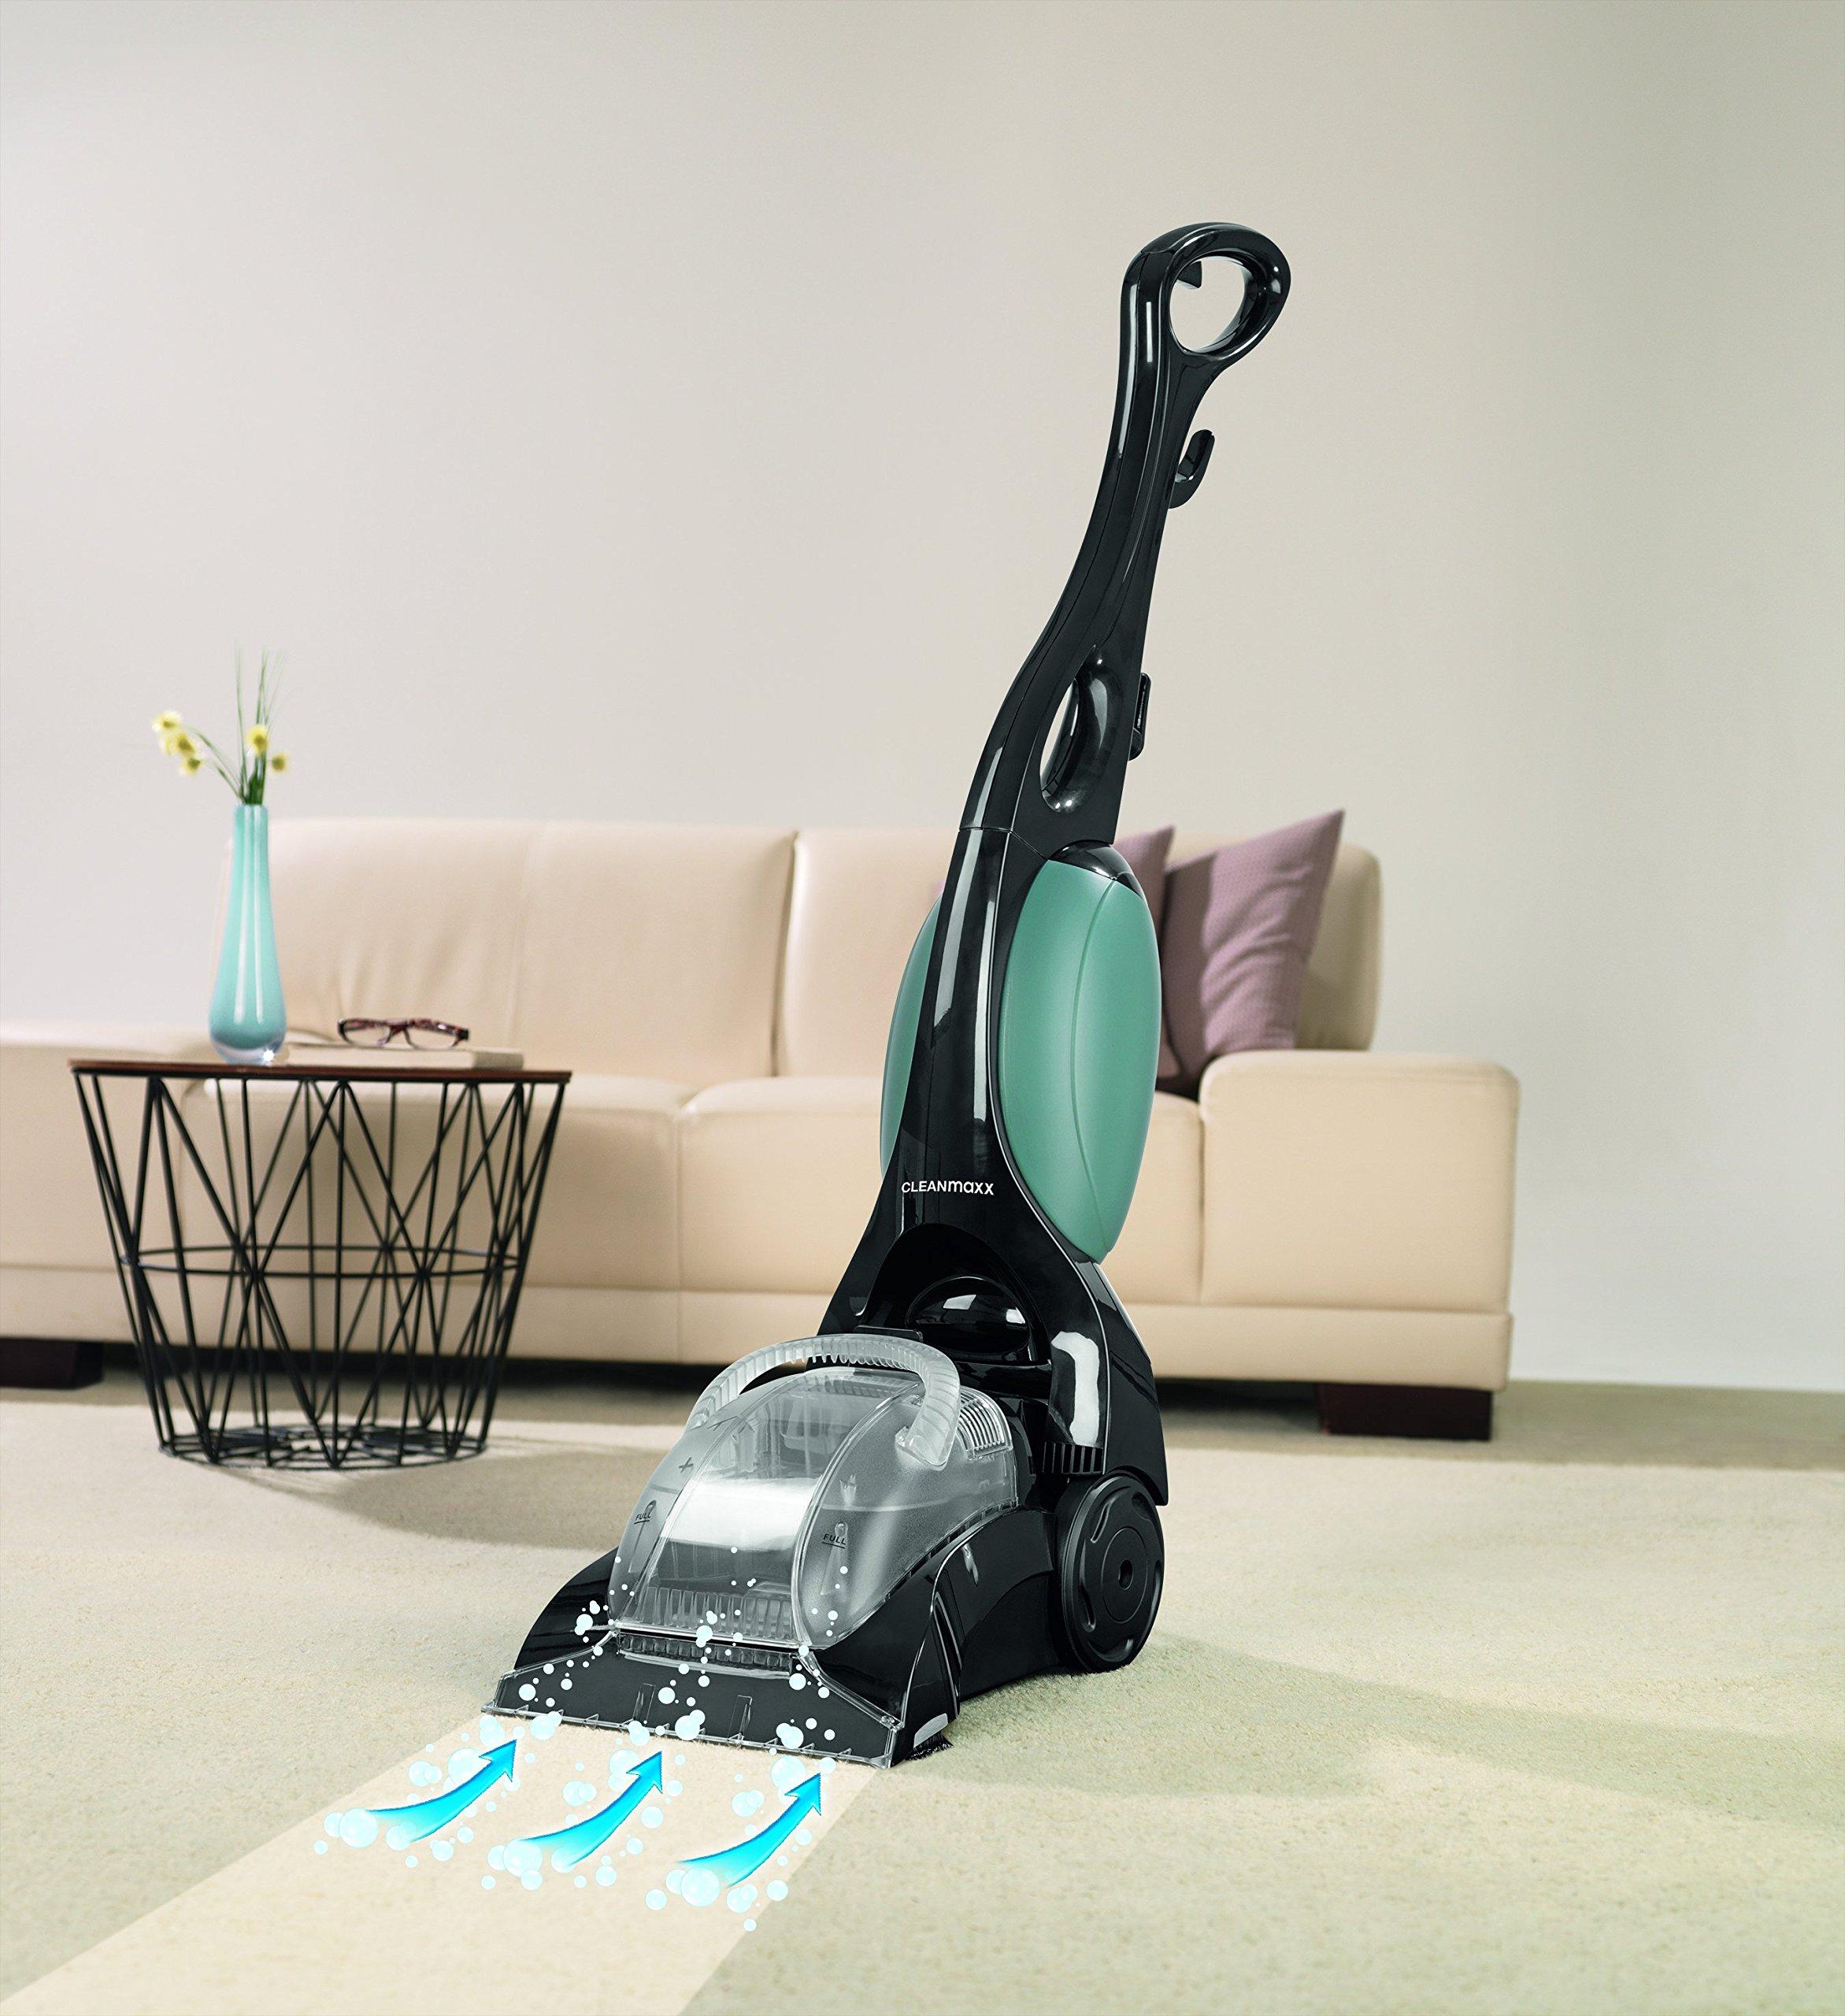 Cleanmaxx 09840 Alfombra limpiador Professional | 3 in1 Lavado, limpieza y aspirar | Max. 700 W | limpiador de suelos (Tecnología de H2O |, color verde: Amazon.es: Hogar